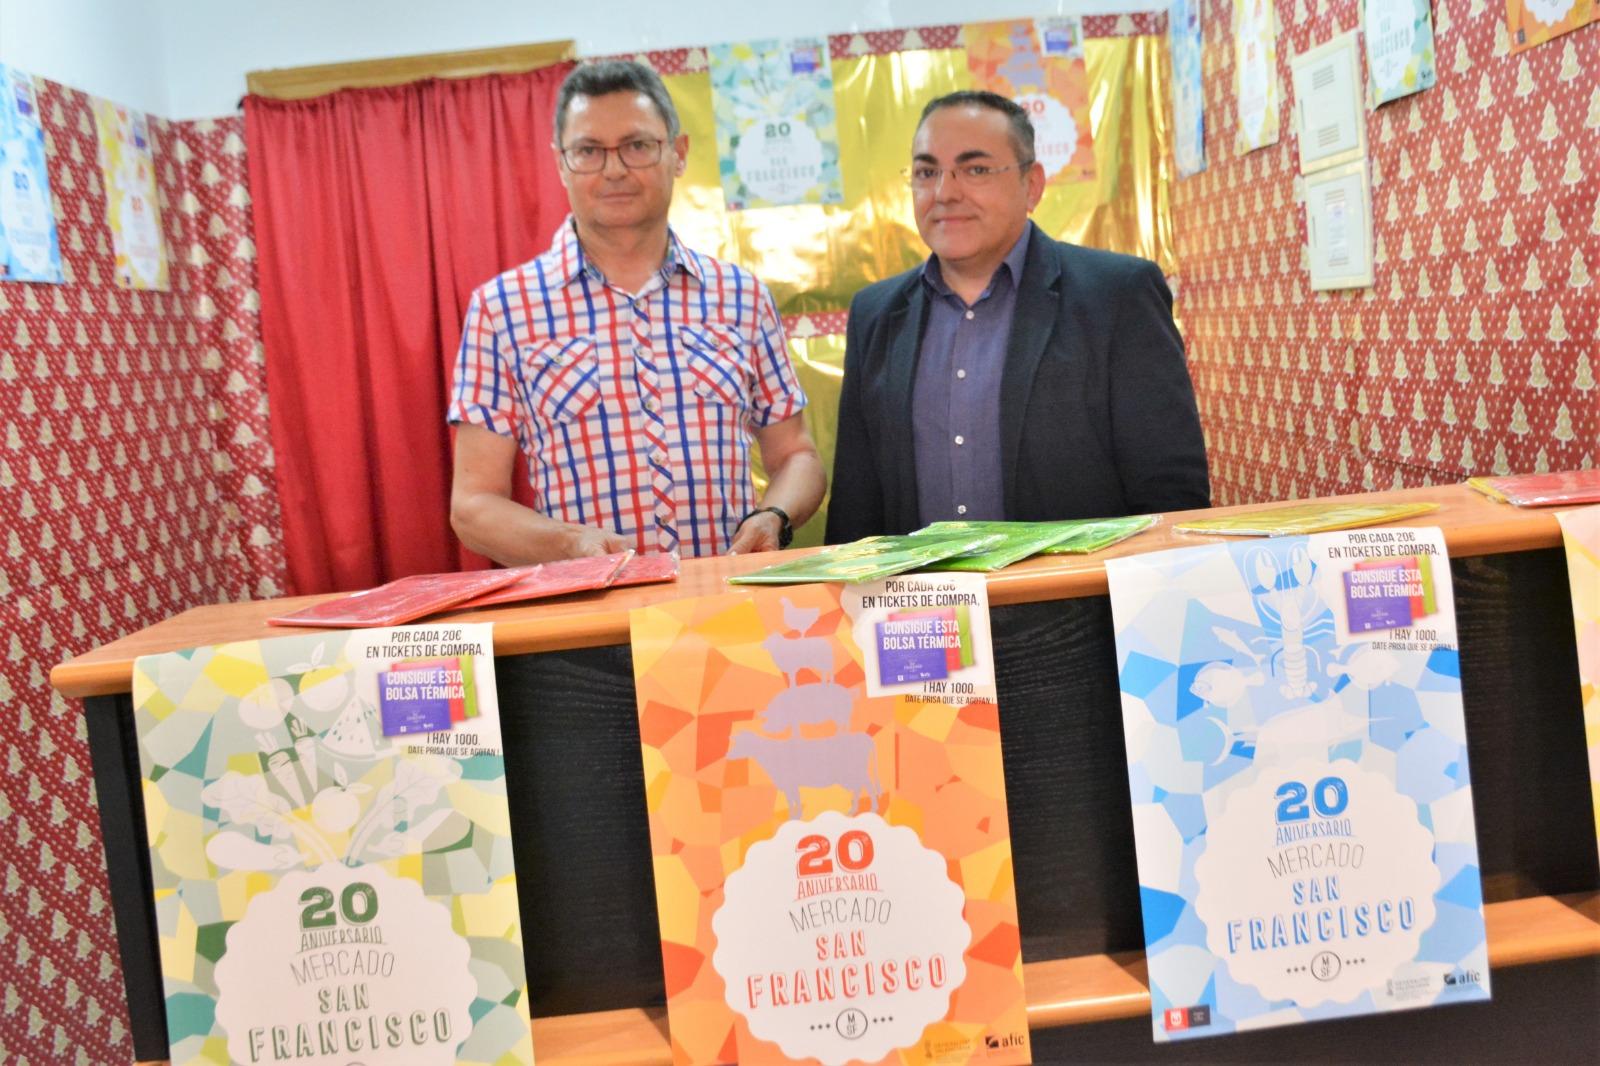 Los comerciantes del Mercado de San Francisco de Elda celebran su 20 aniversario con el regalo de 1.000 bolsas térmicas